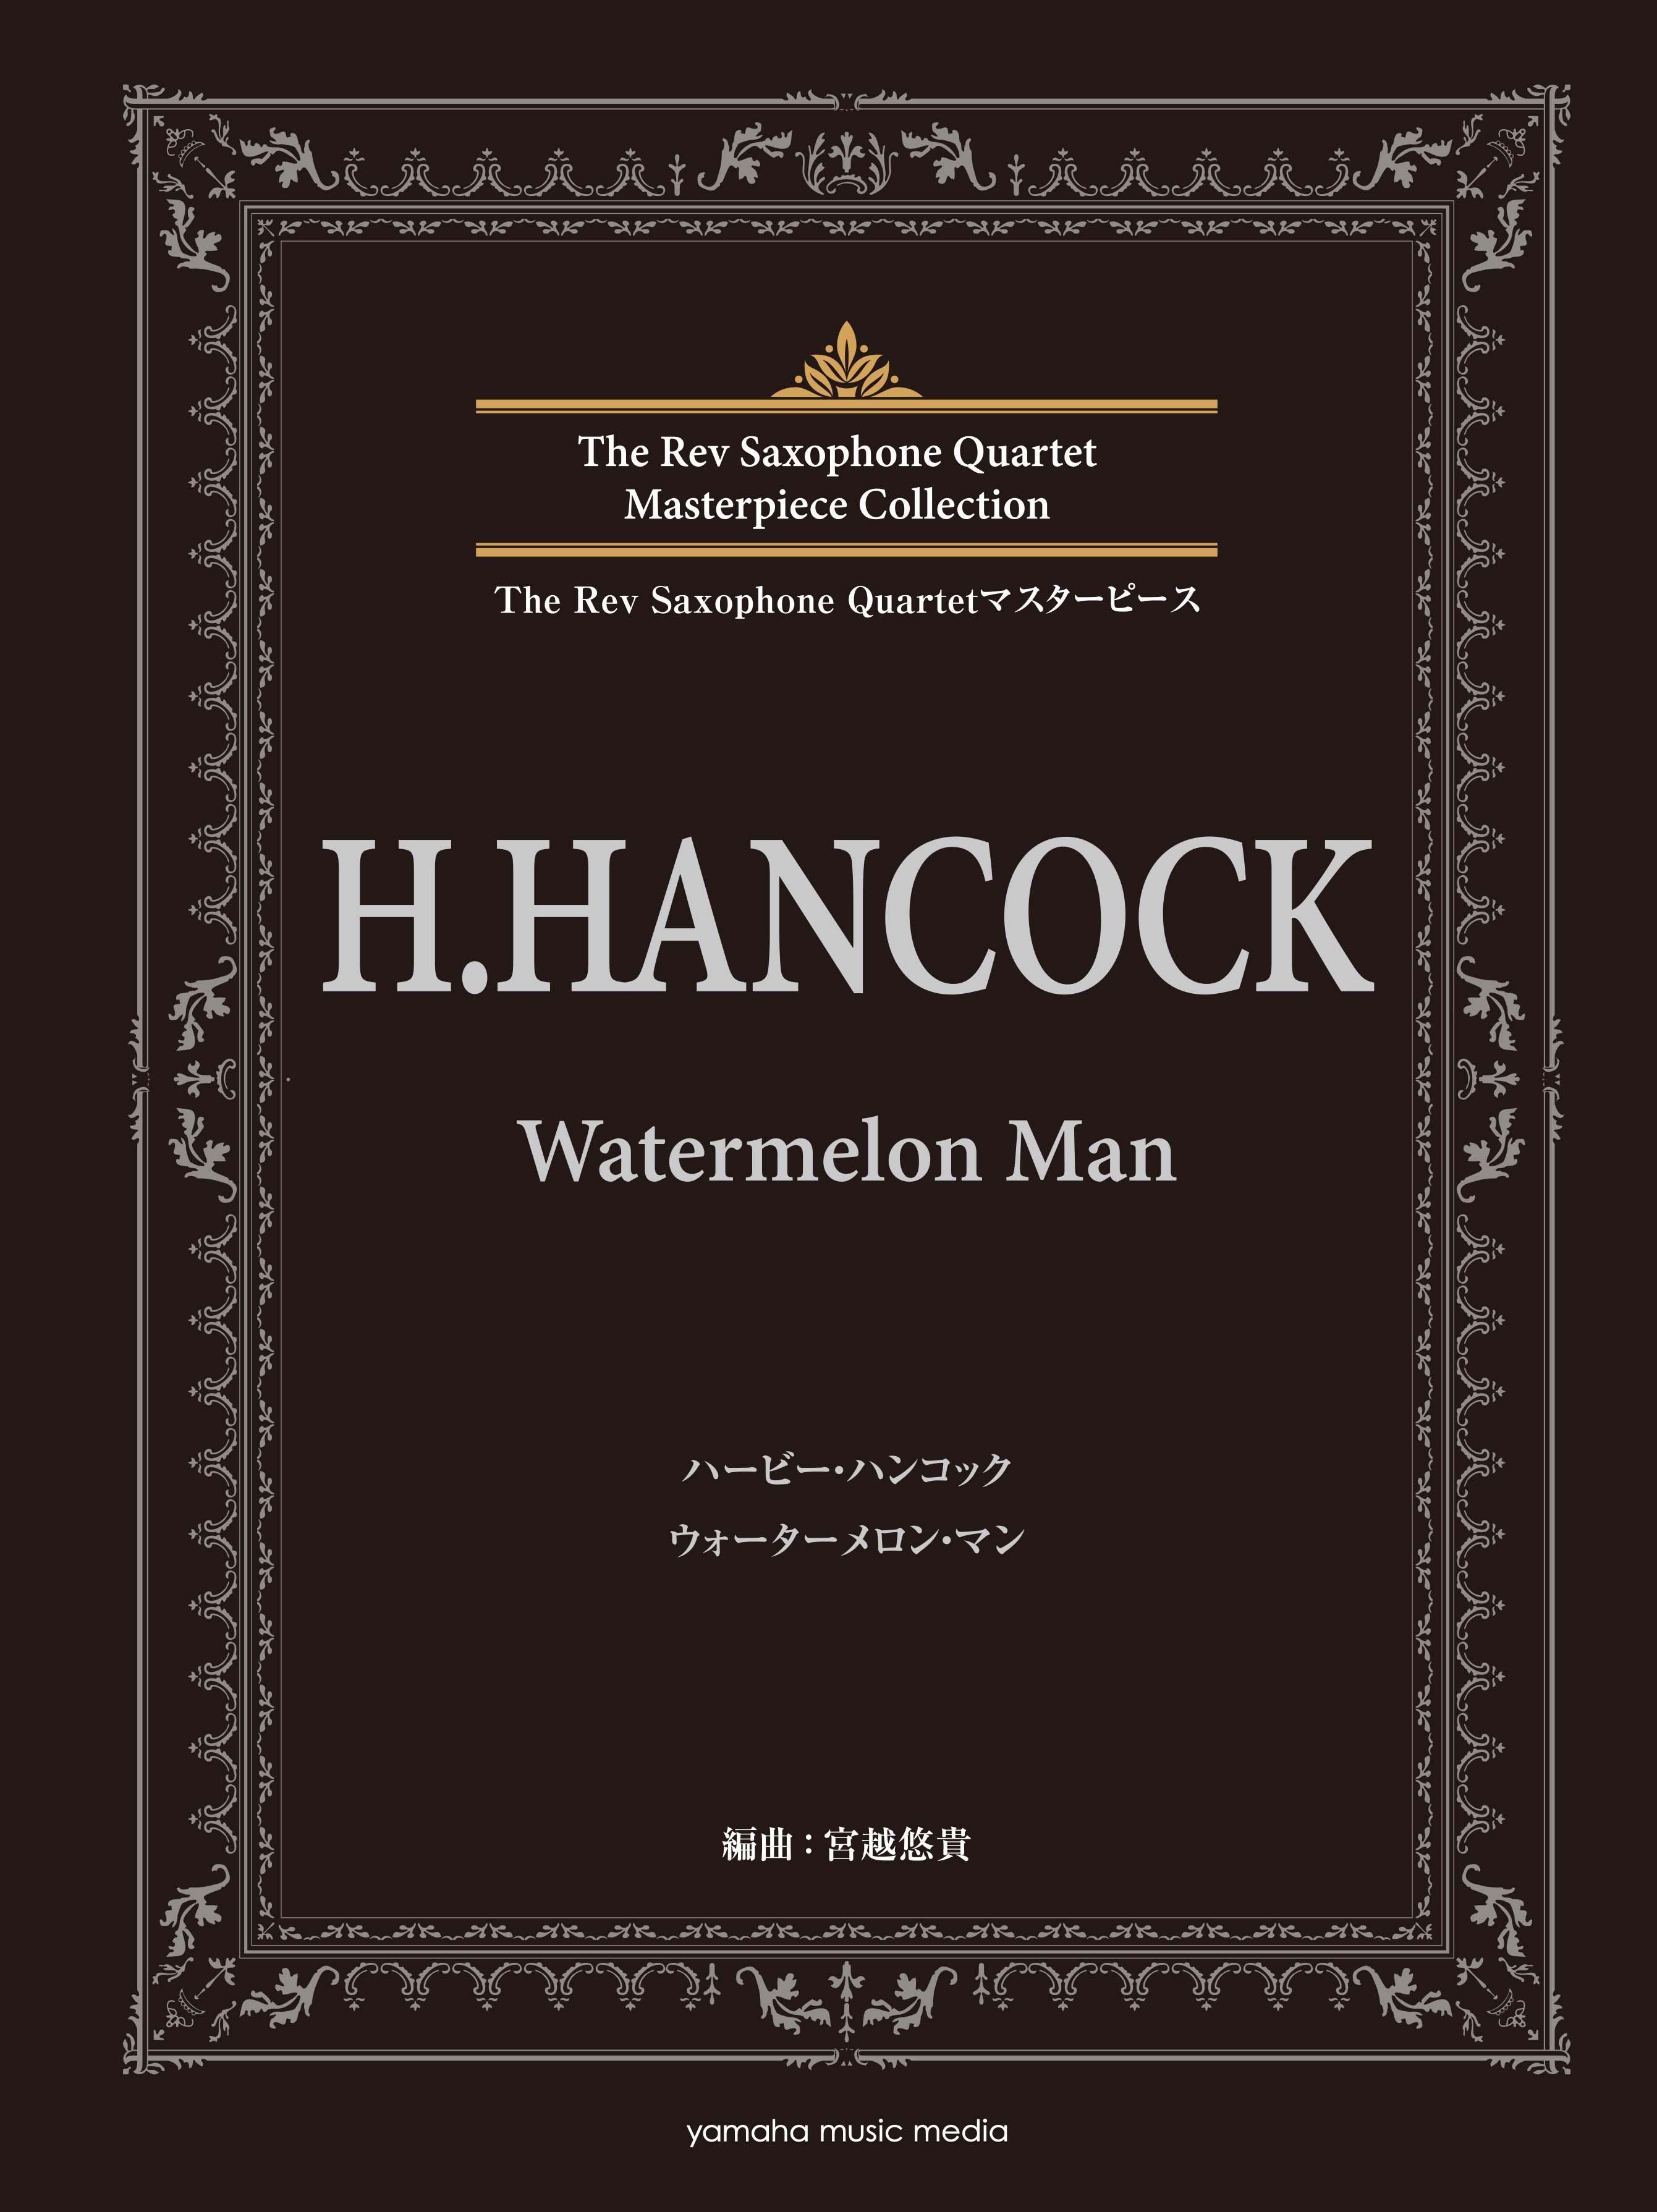 ハービー・ハンコック Watermelon Man